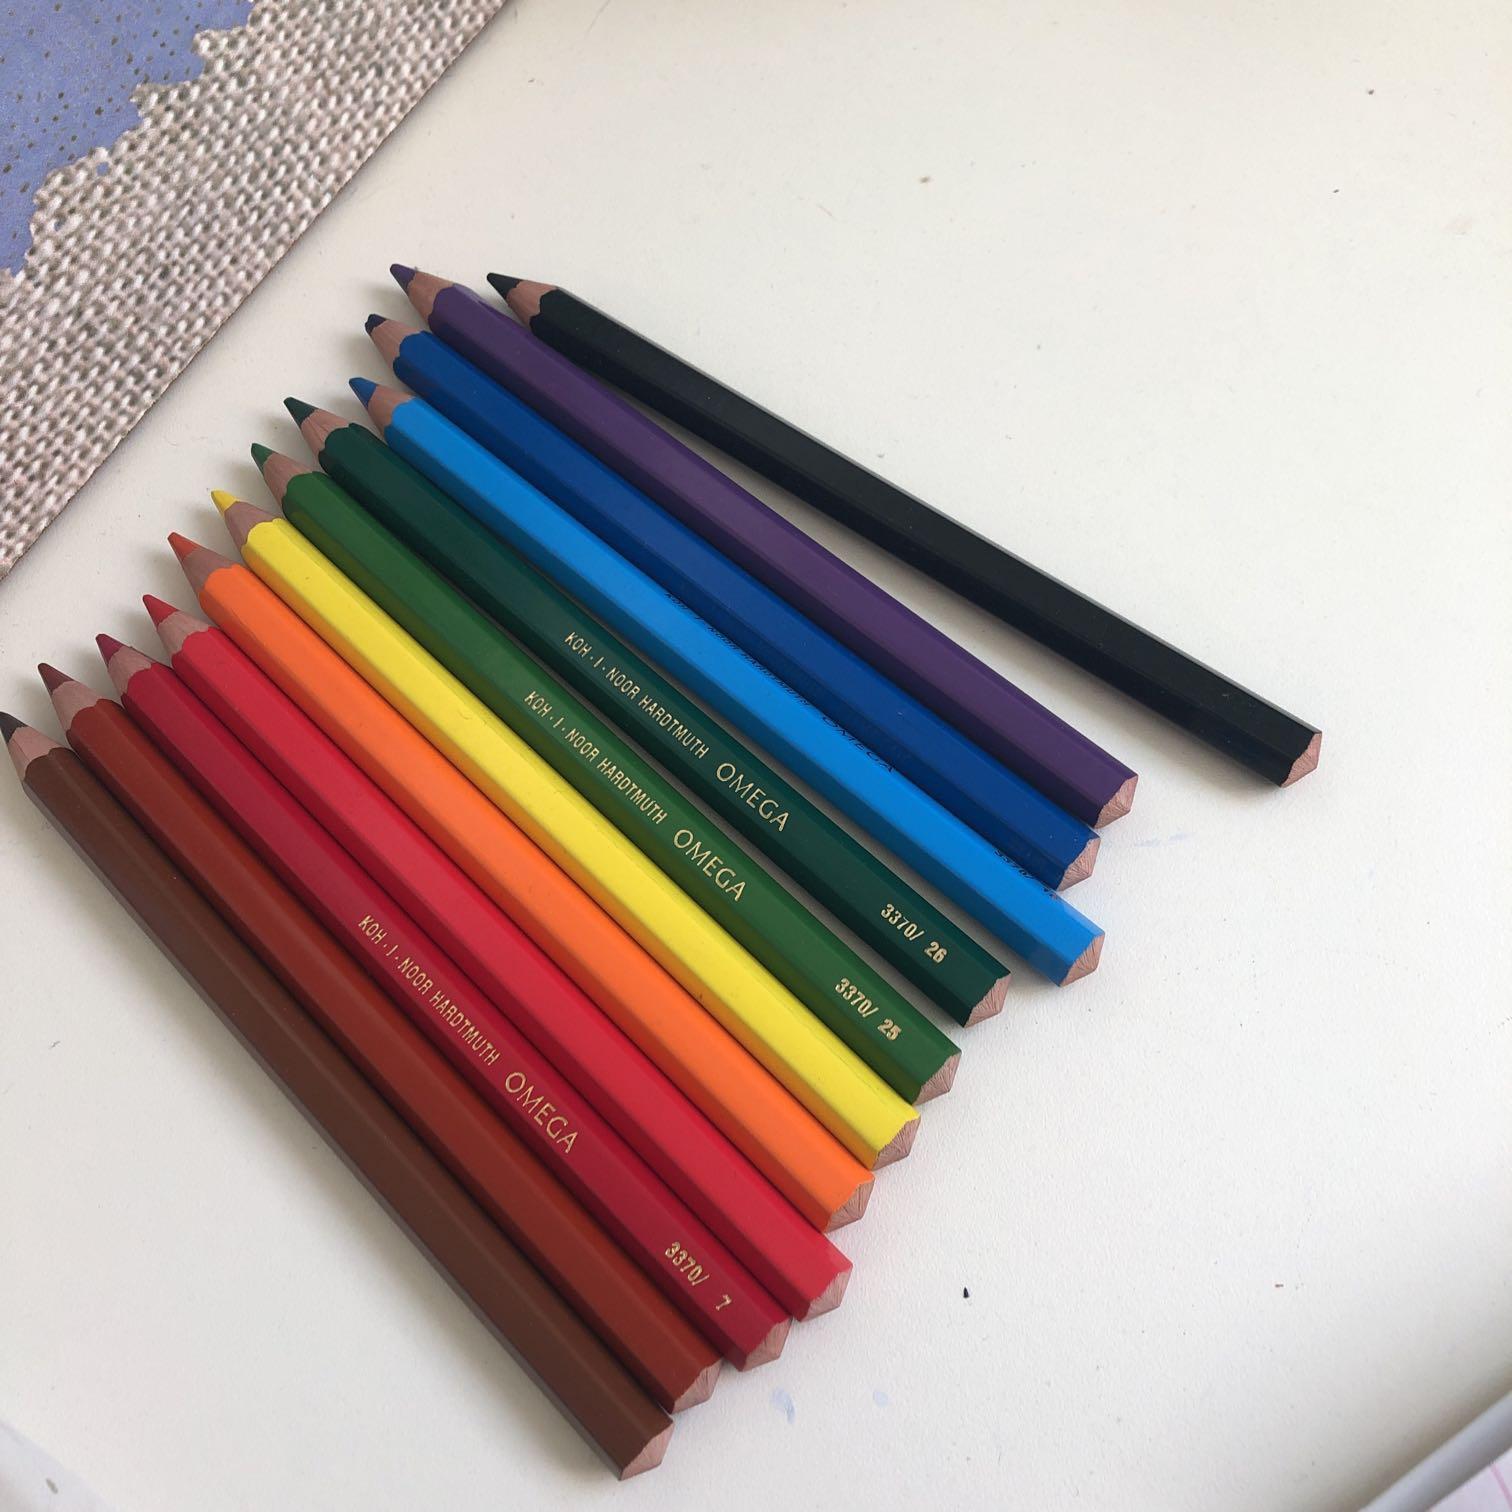 עפרונות-אומגה-מיוחדים-לציור-ורישום - יד 2